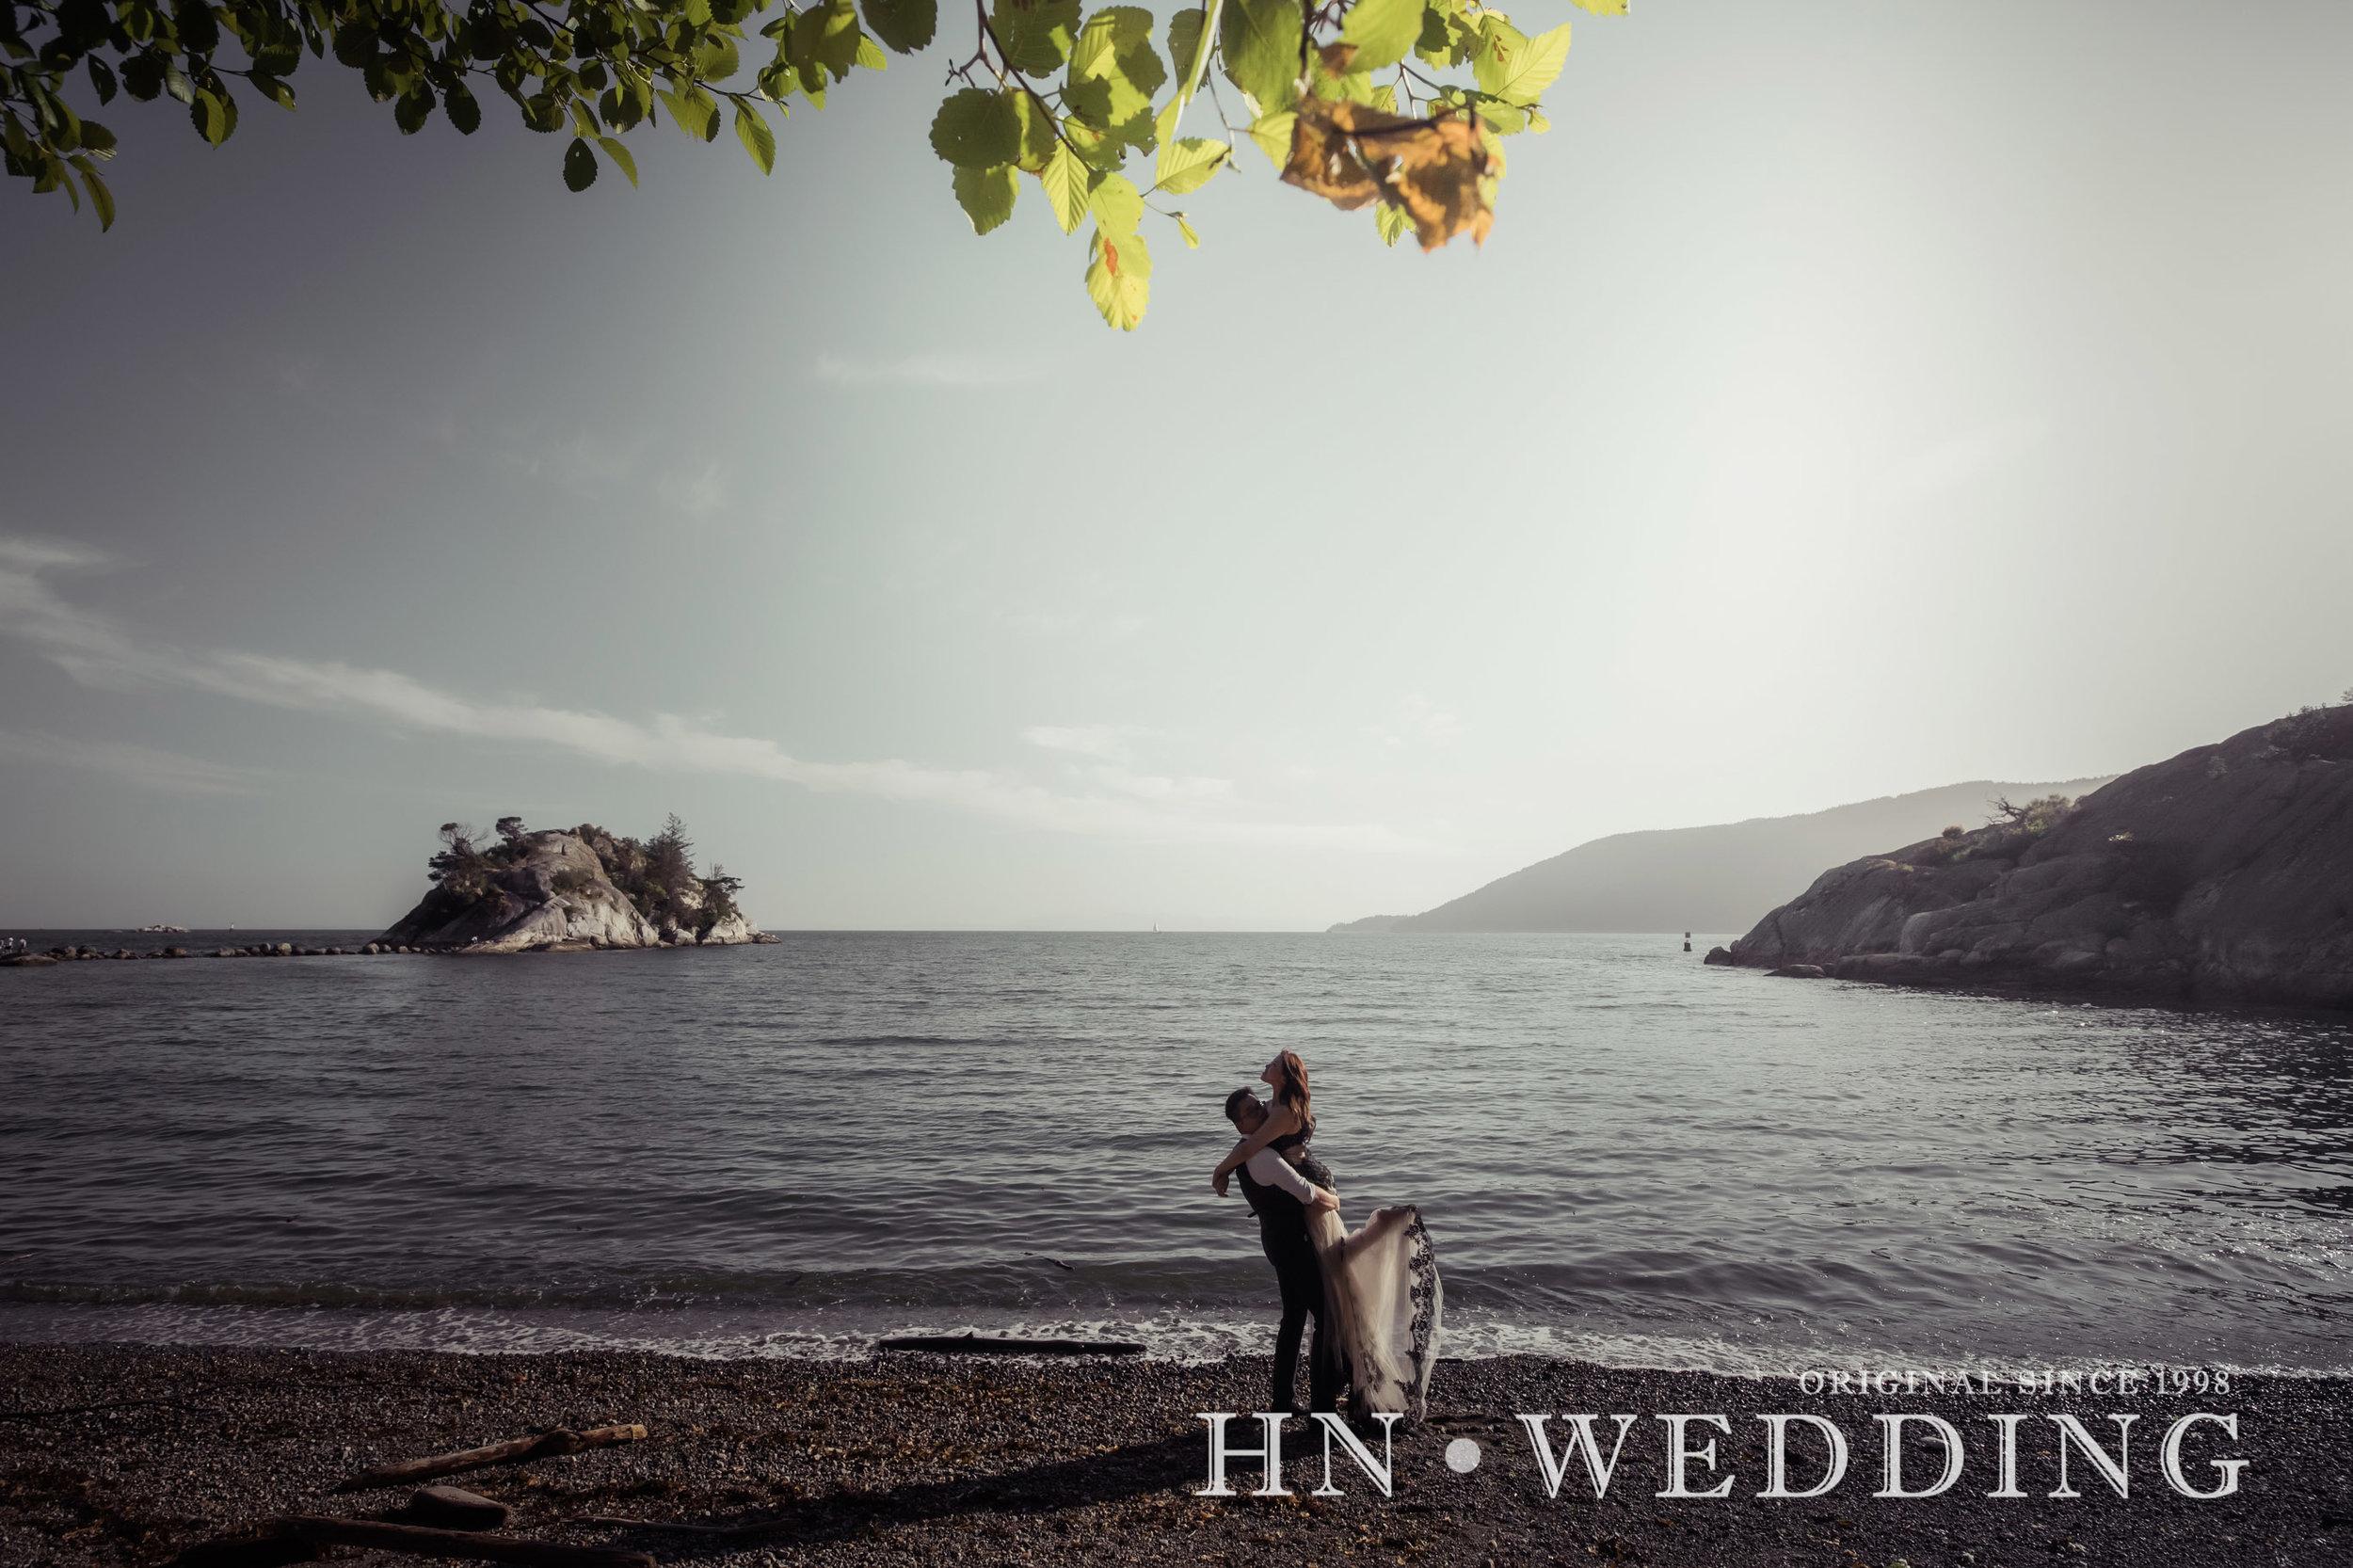 hnweddingpreweddingdayN&D-27.jpg